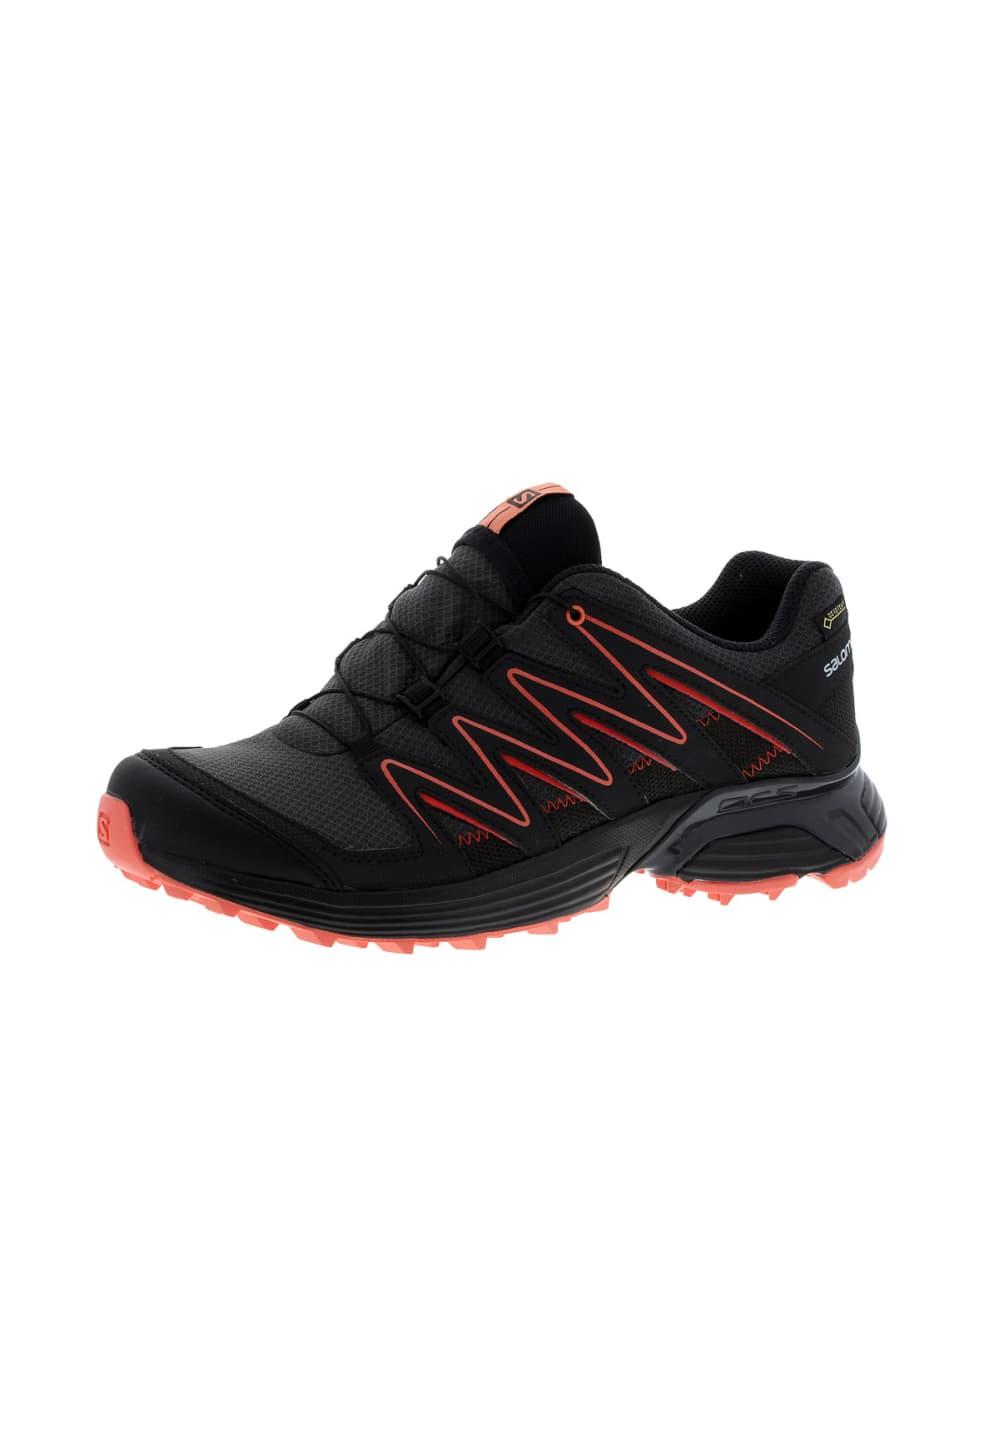 Chaussure de running 21run